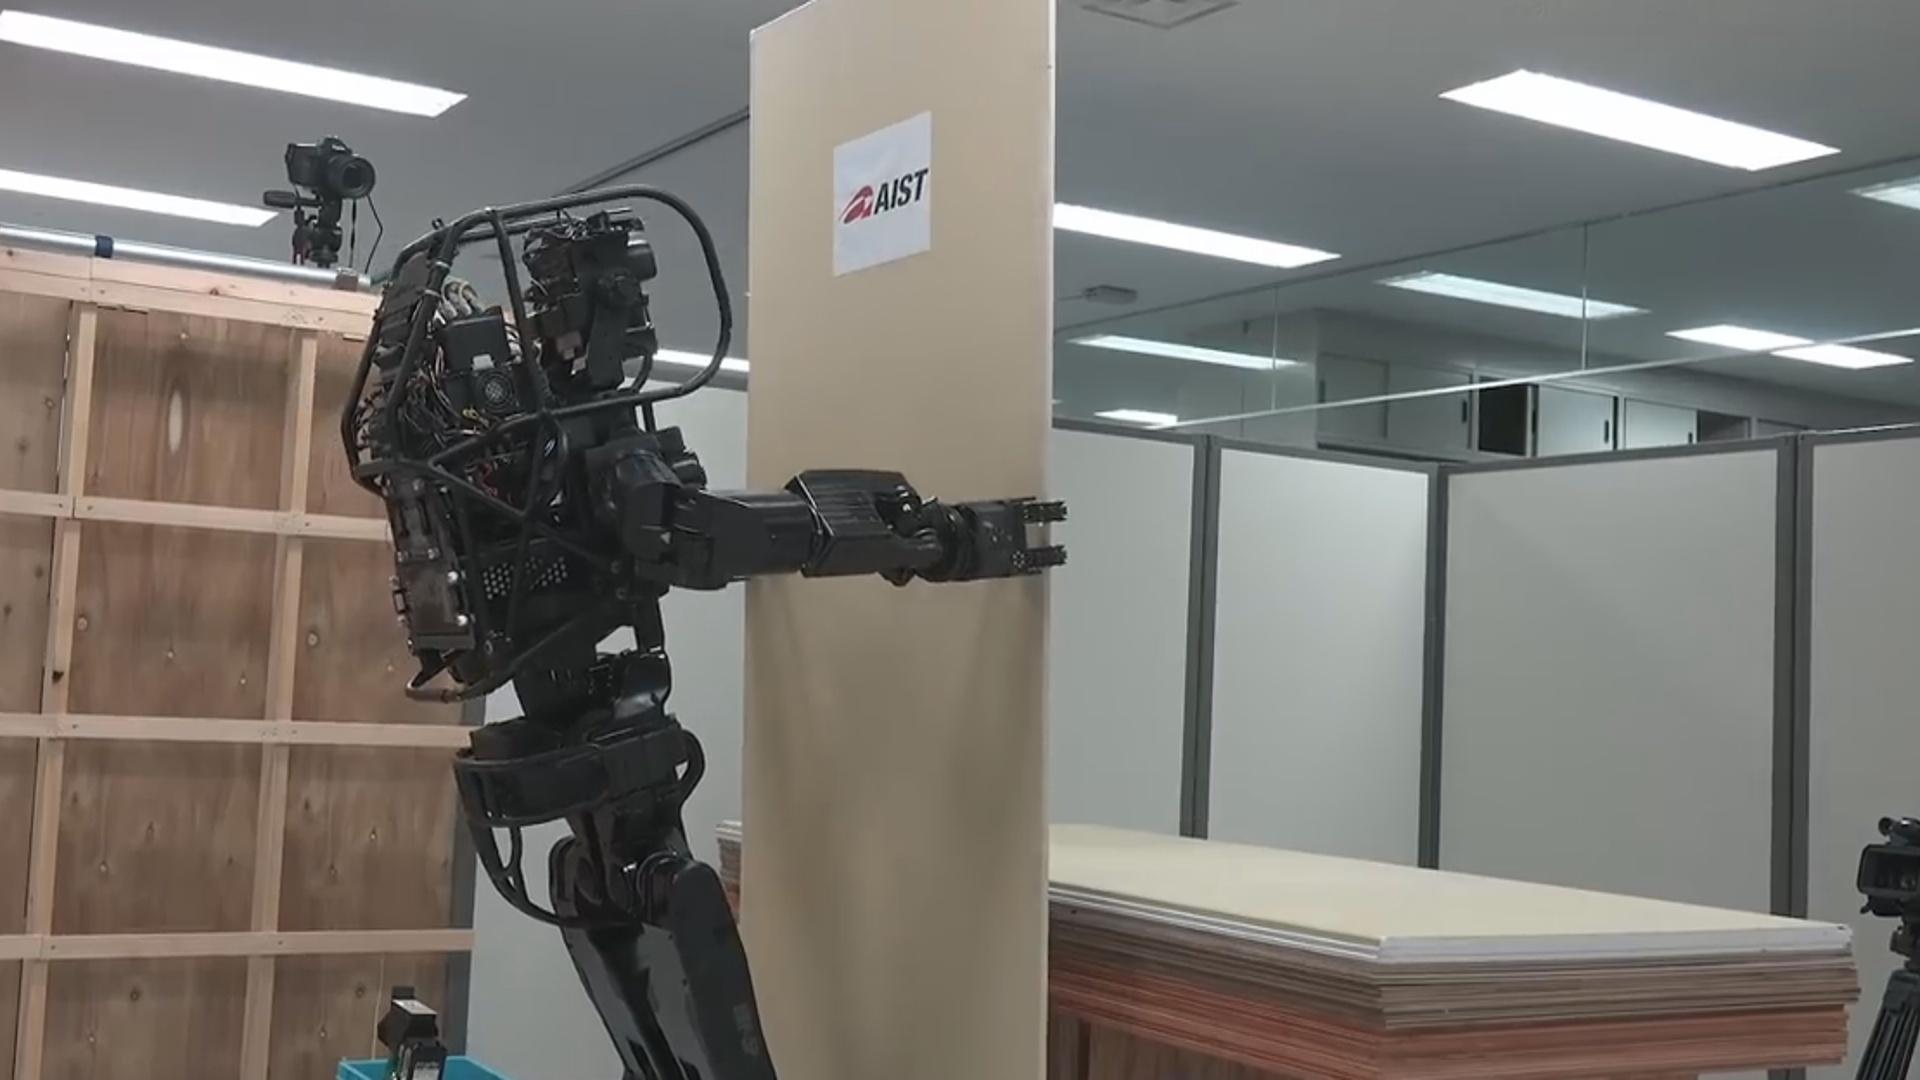 Tikinti işlərini robot həyata keçirəcək